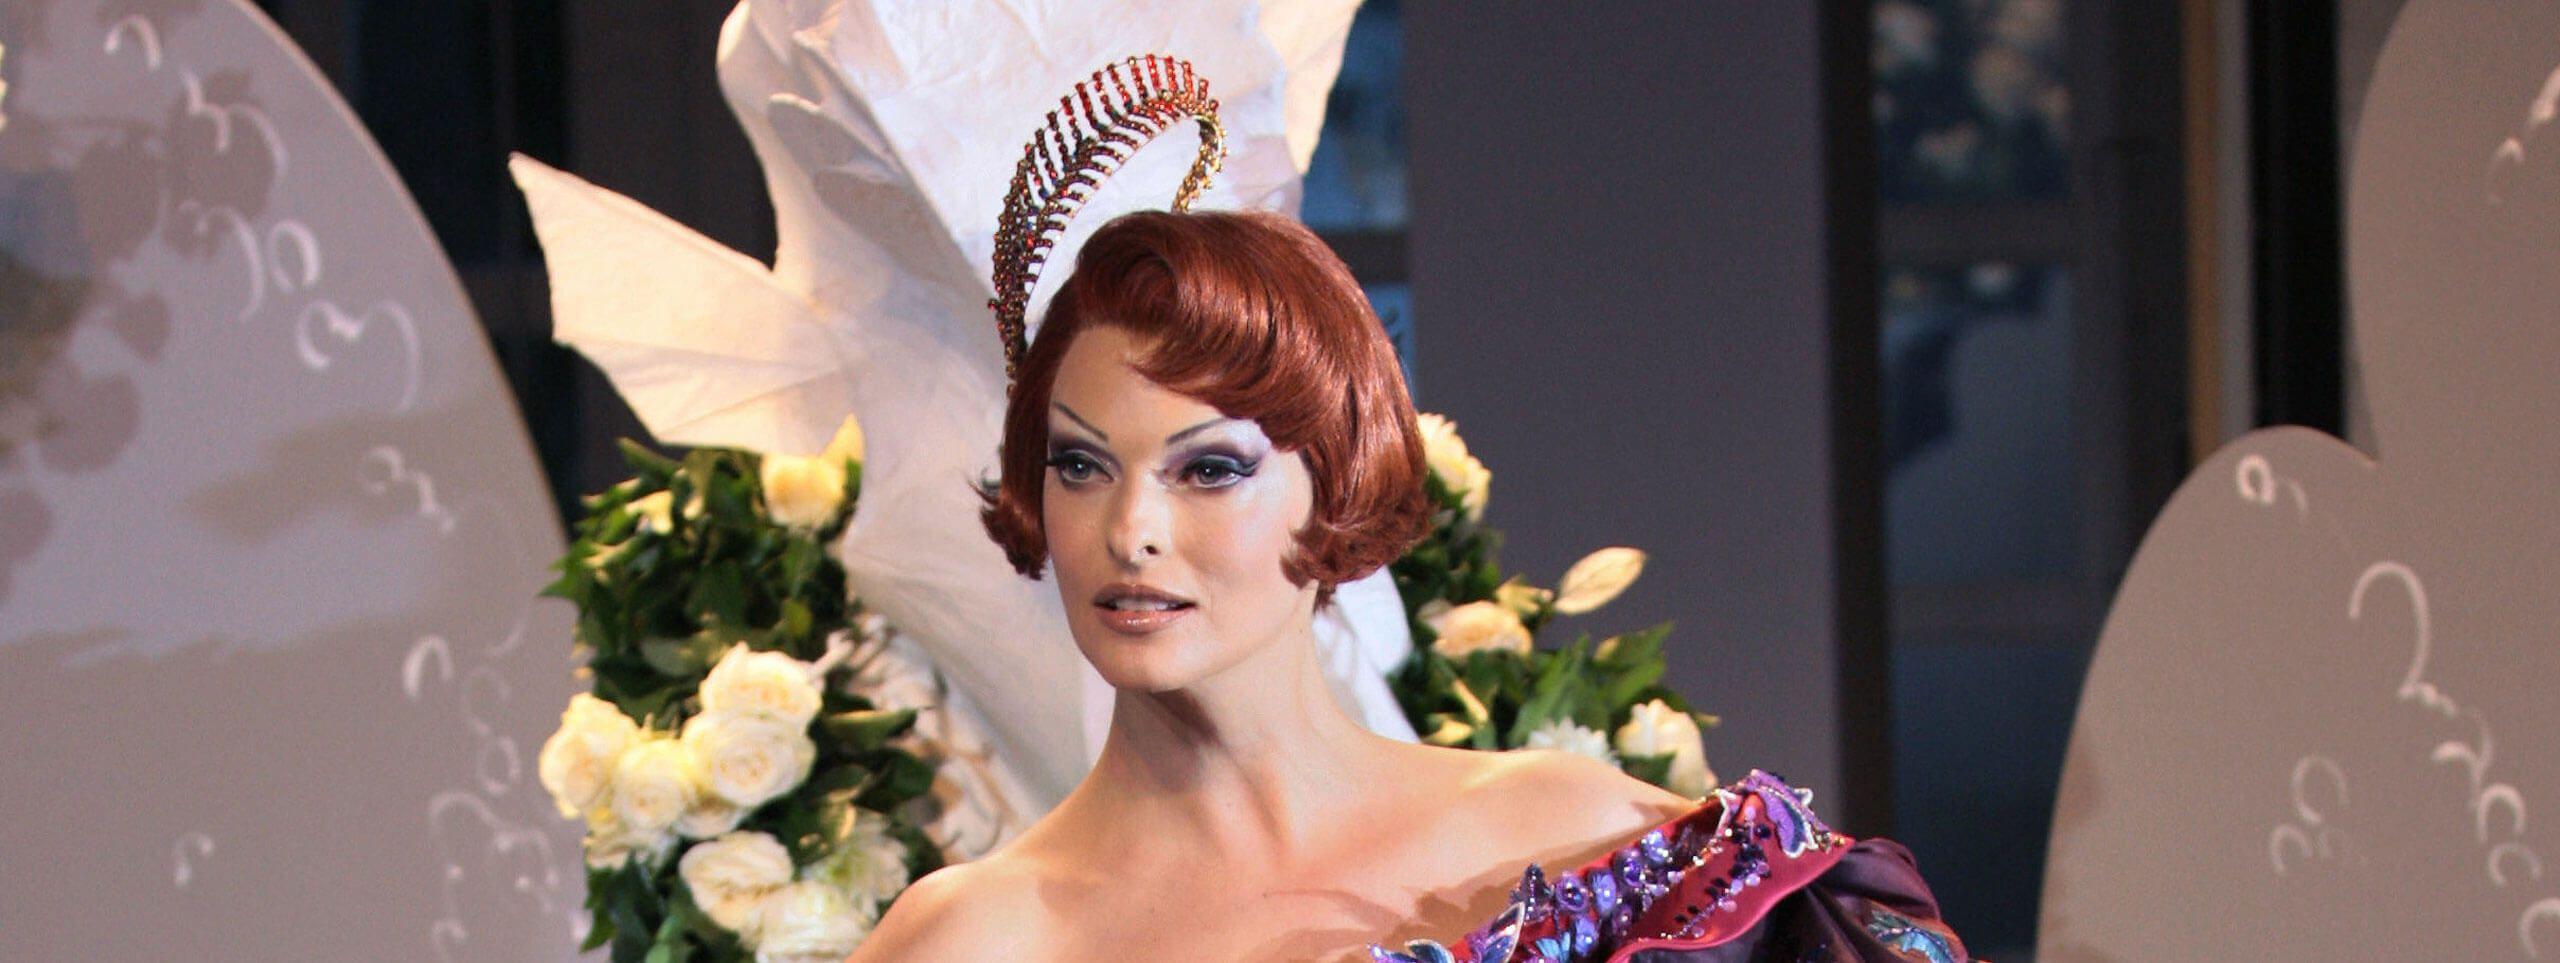 Linda Evangelista acconciatura anni 20 capelli rossi